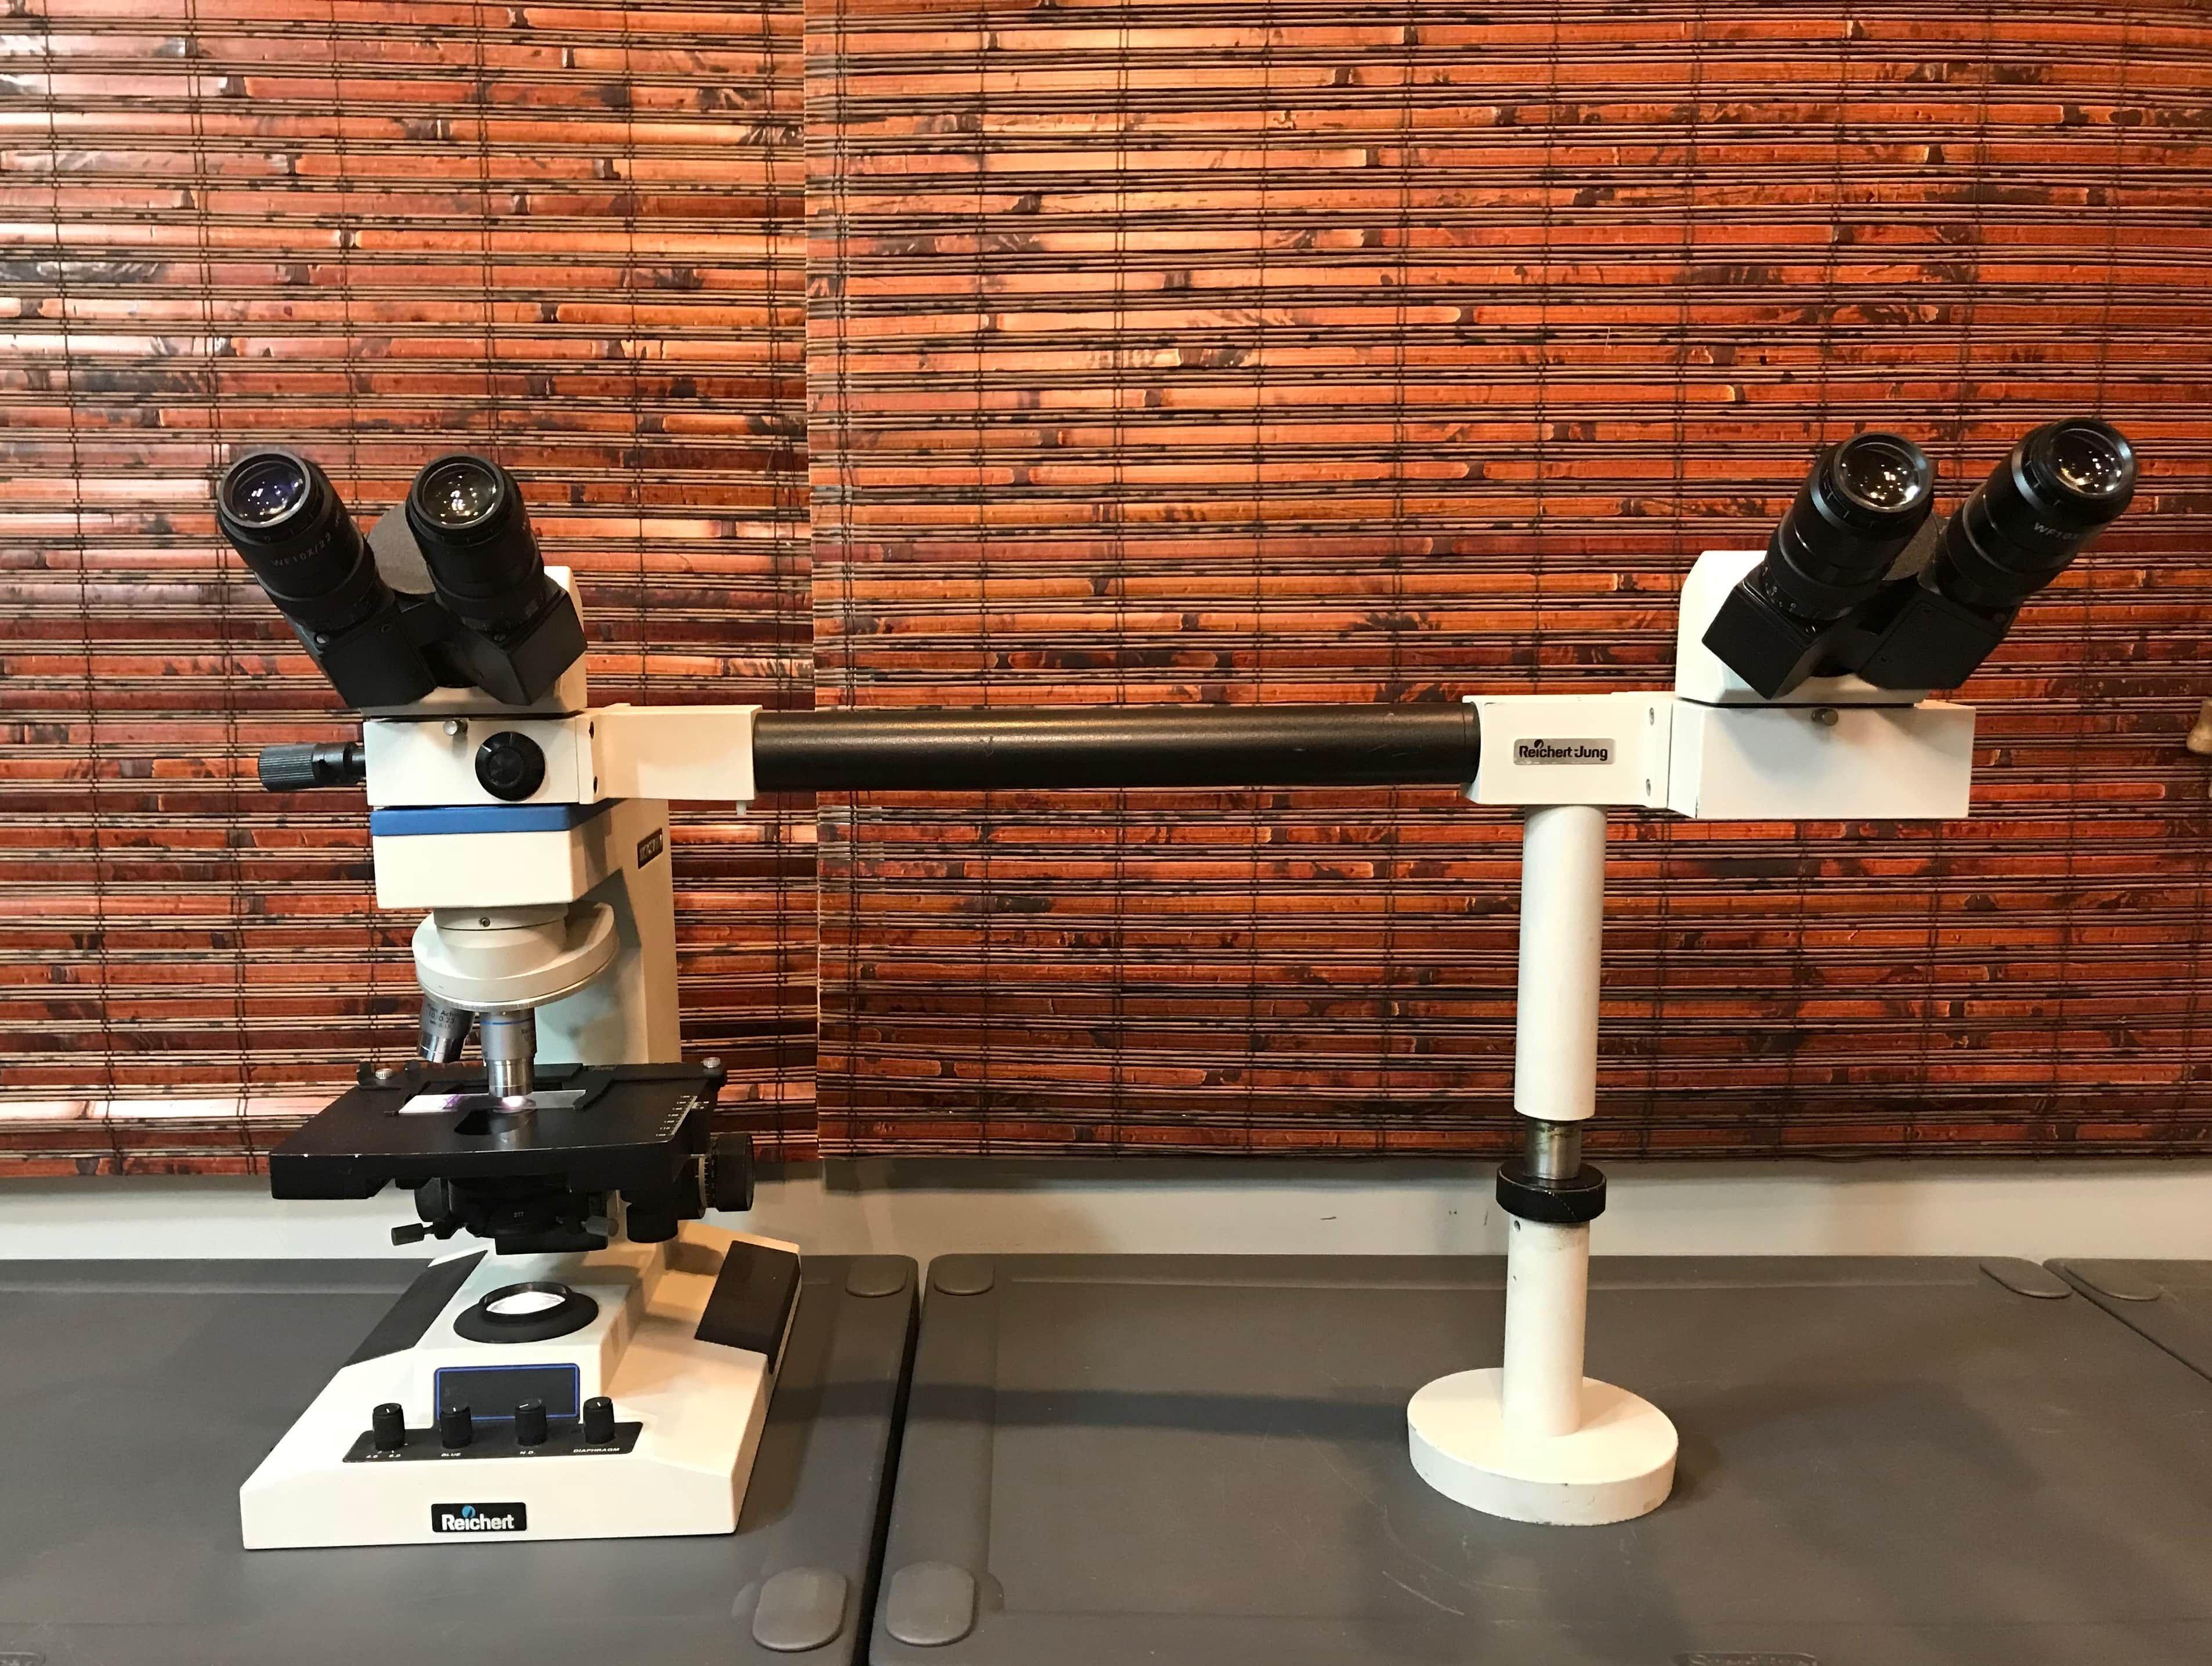 Reichert - Leica Teaching Microscope